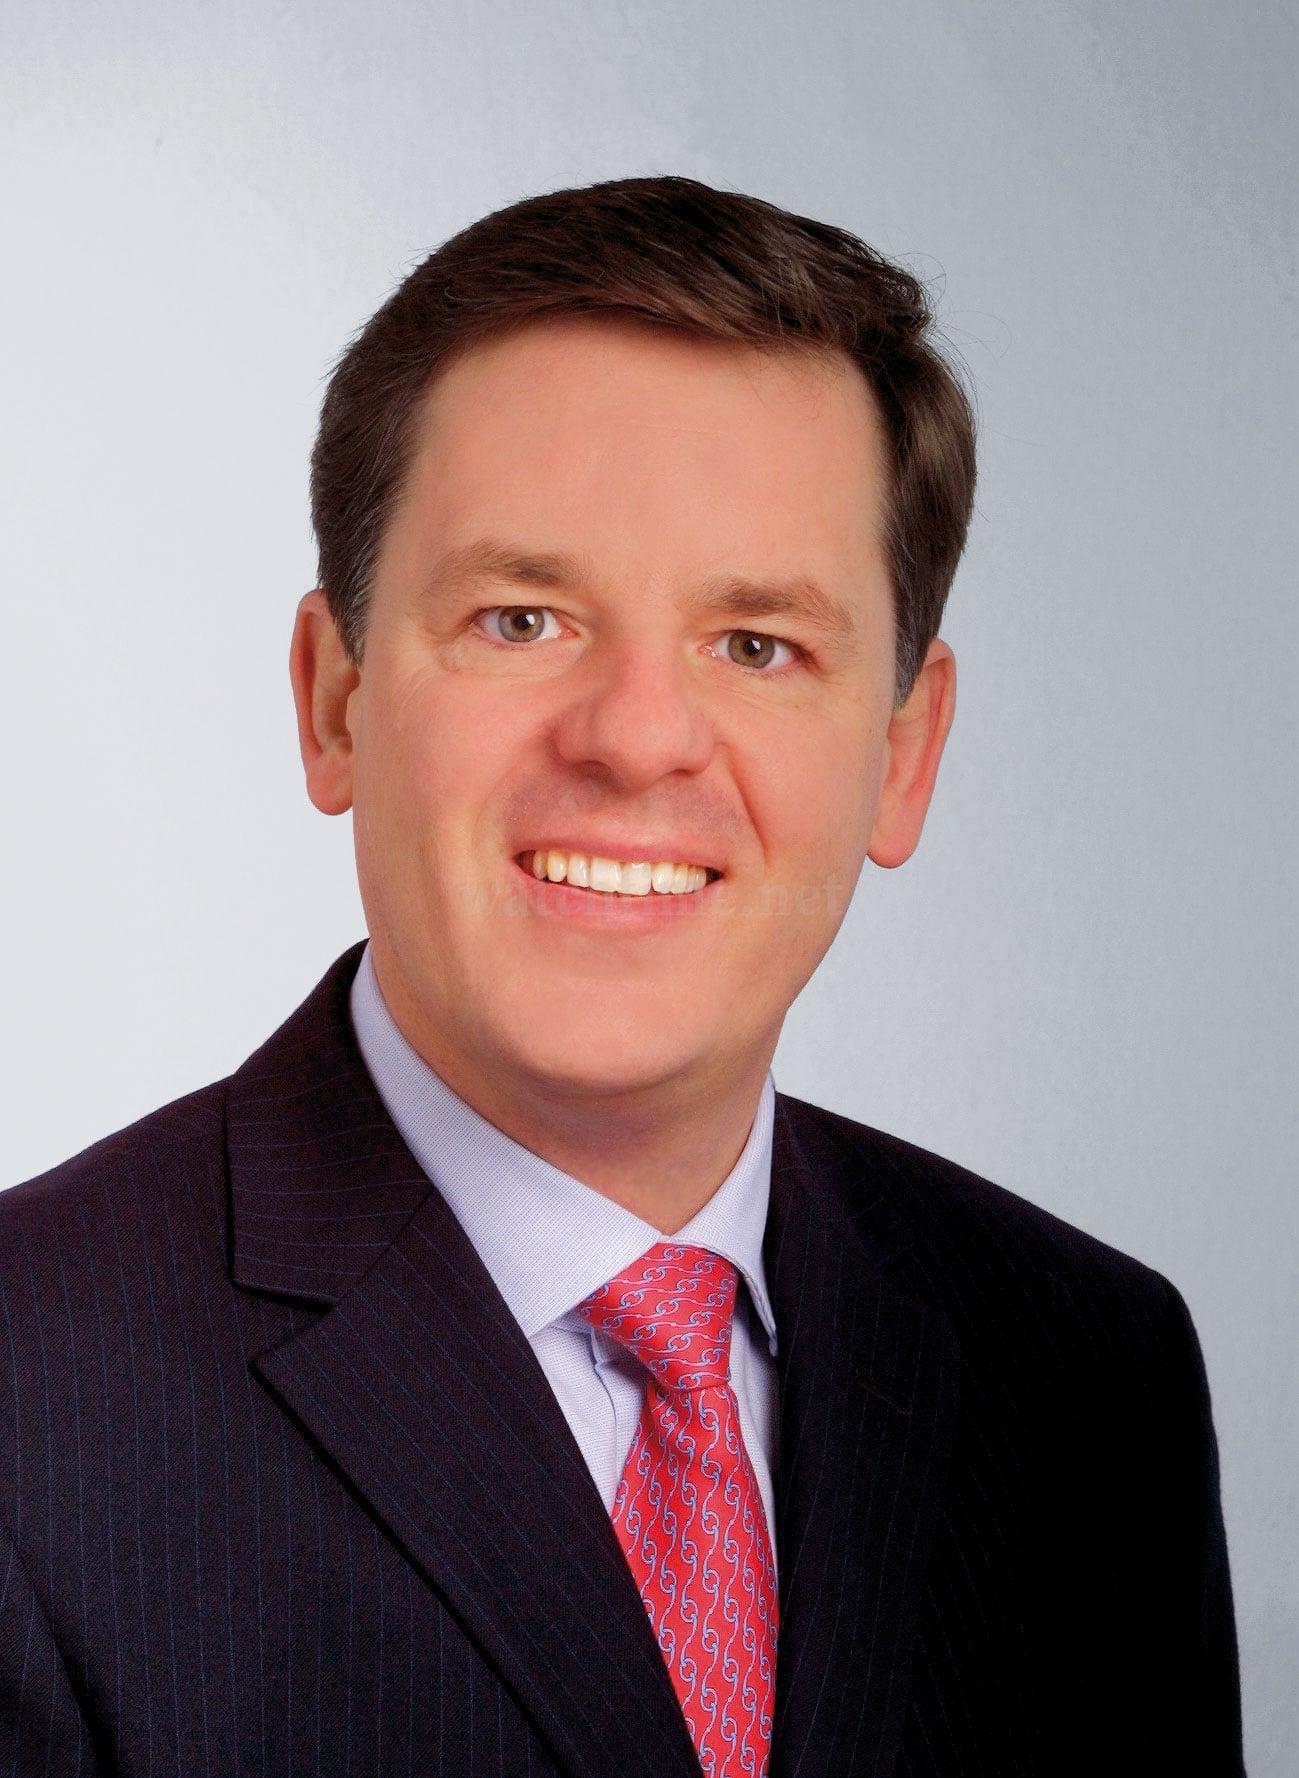 Neuer CEO bei Baume & Mercier: Alain Zimmermann